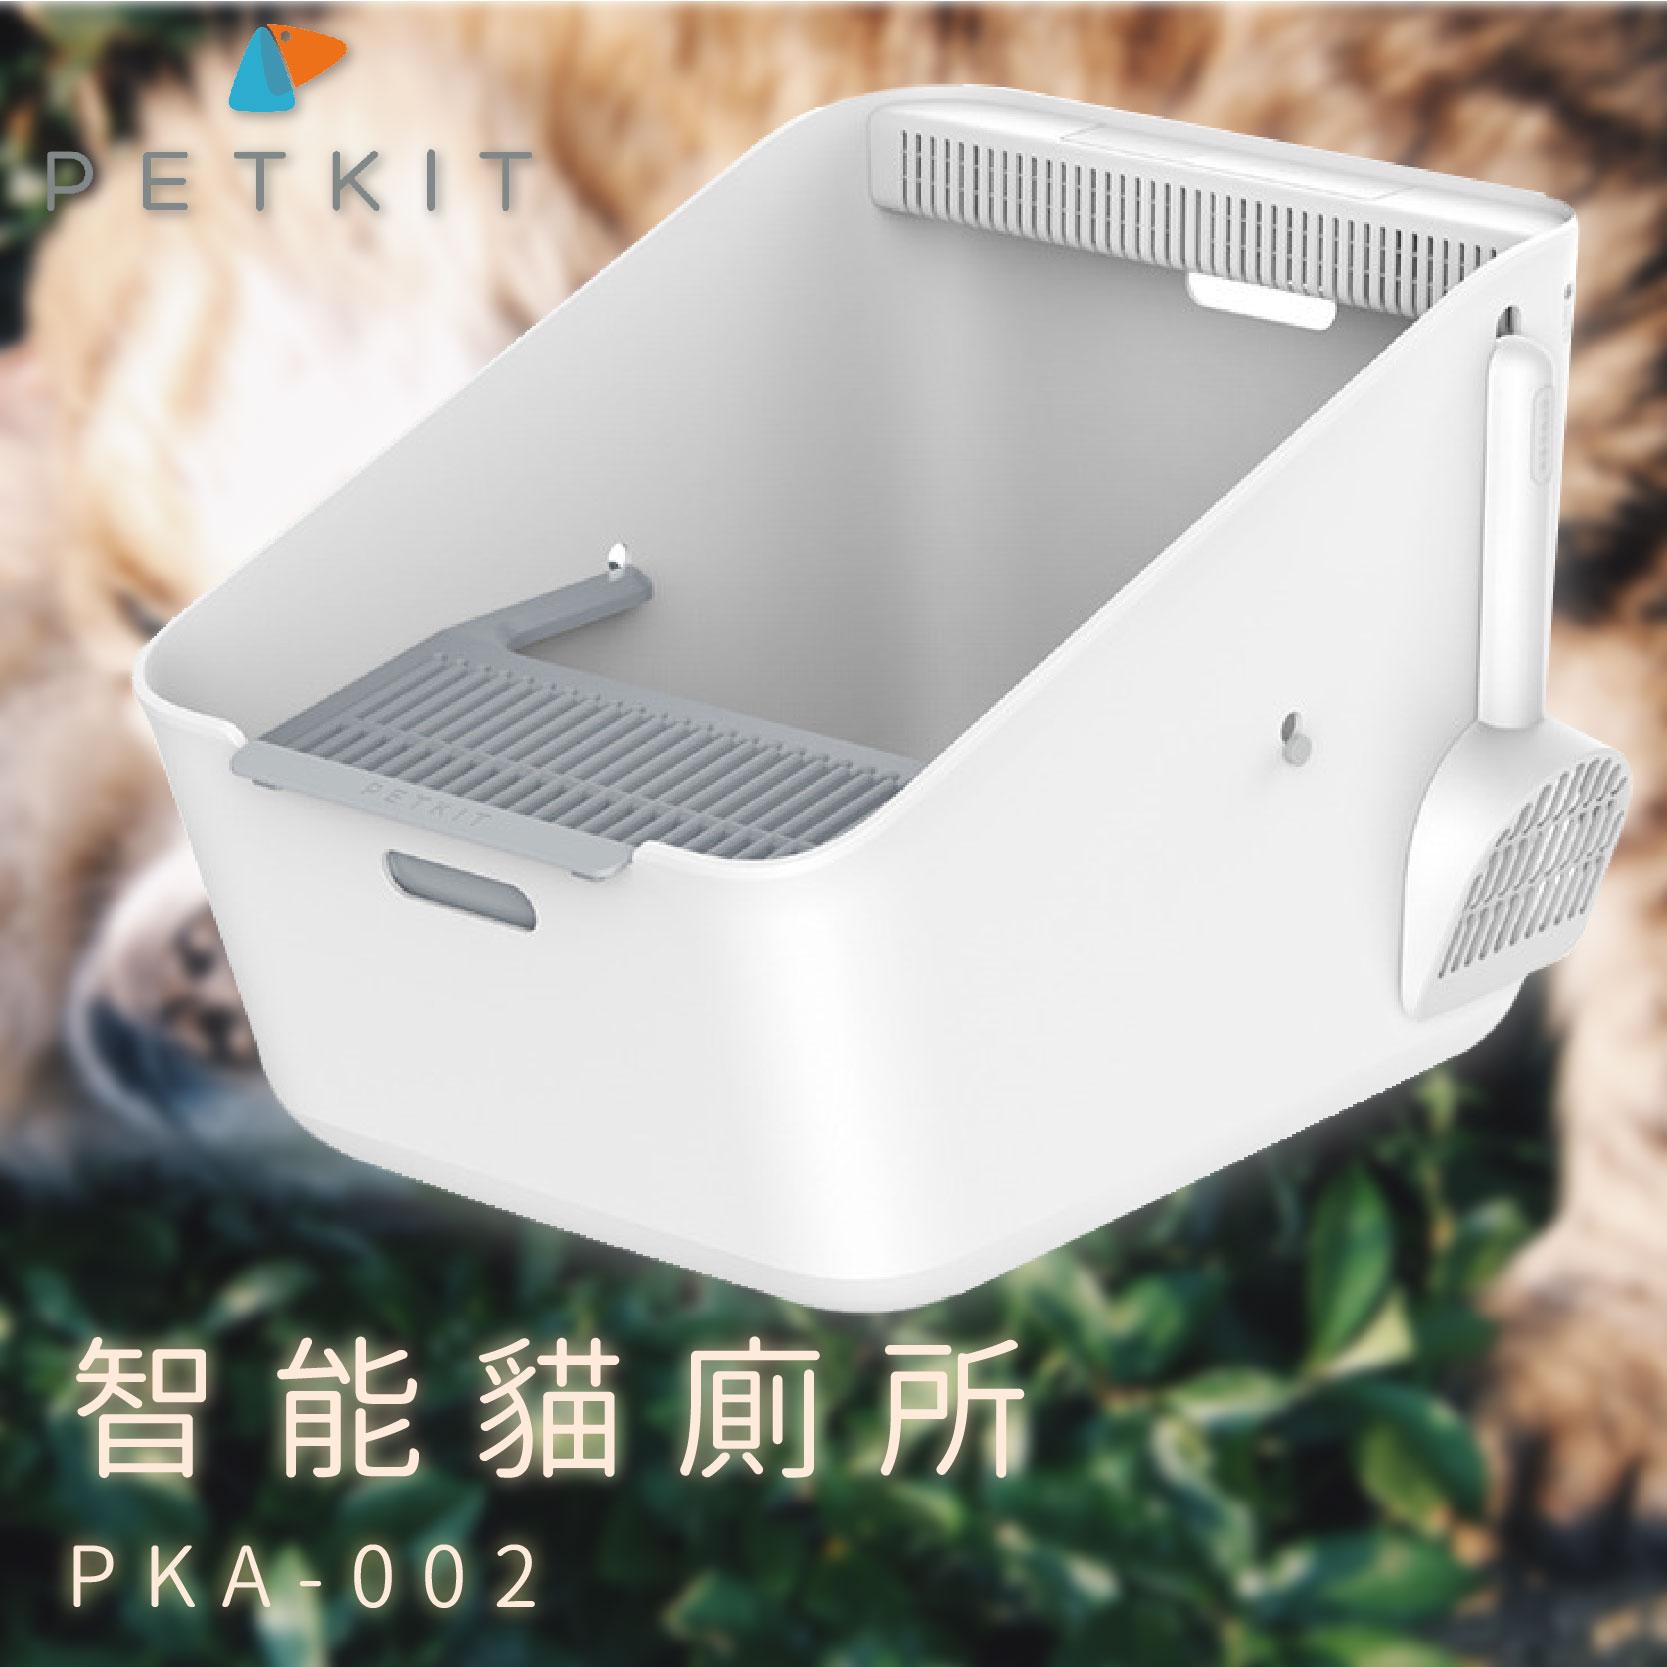 Petkit 智能貓廁所 PKA-002 寵物用品 貓咪 智能感應 淨味 貓砂盆 可拆卸 內嵌智能寵物空氣清淨器